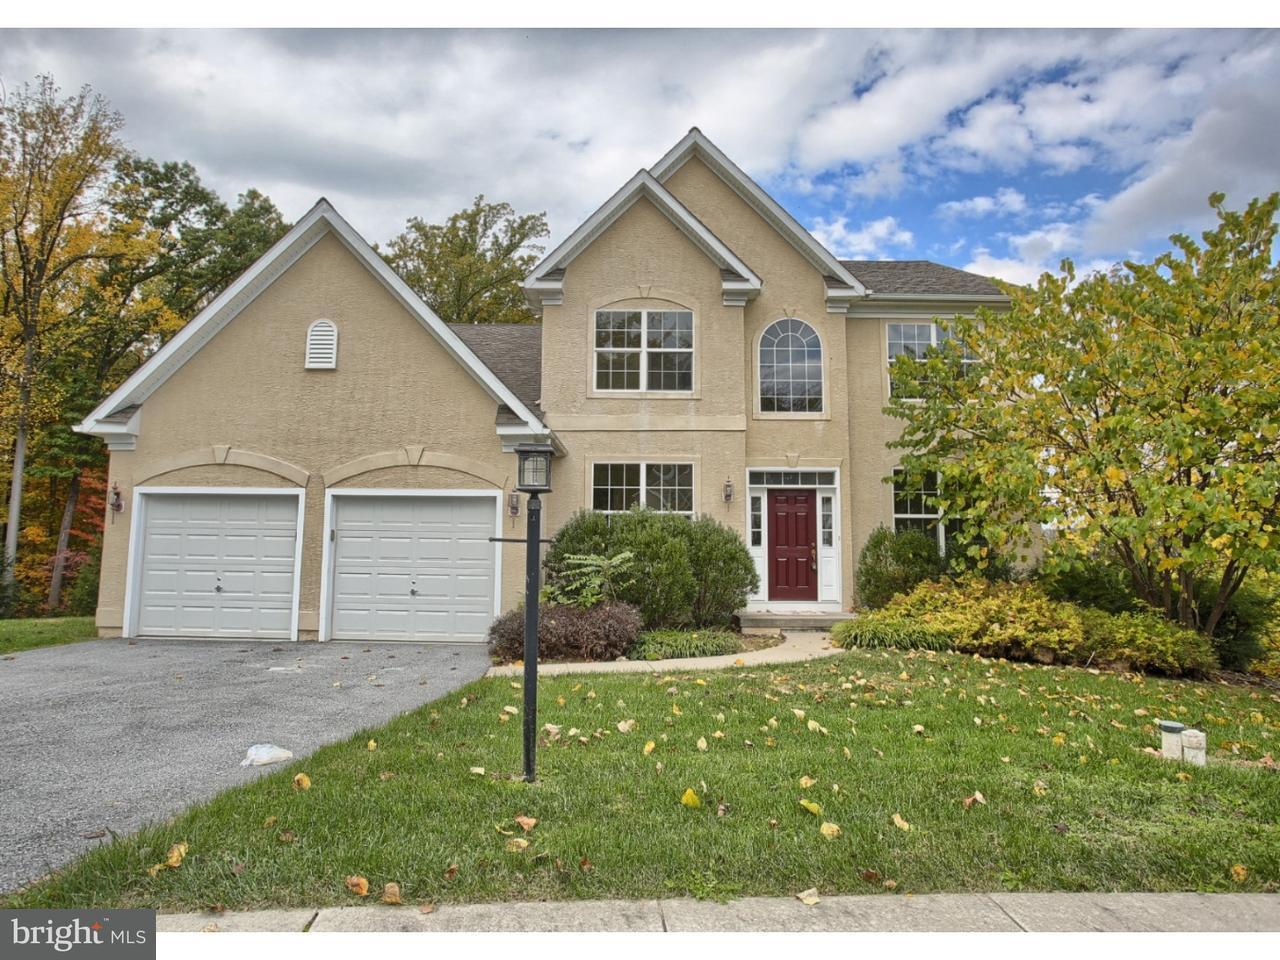 Частный односемейный дом для того Аренда на 3244 TYNING Lane Coatesville, Пенсильвания 19335 Соединенные Штаты